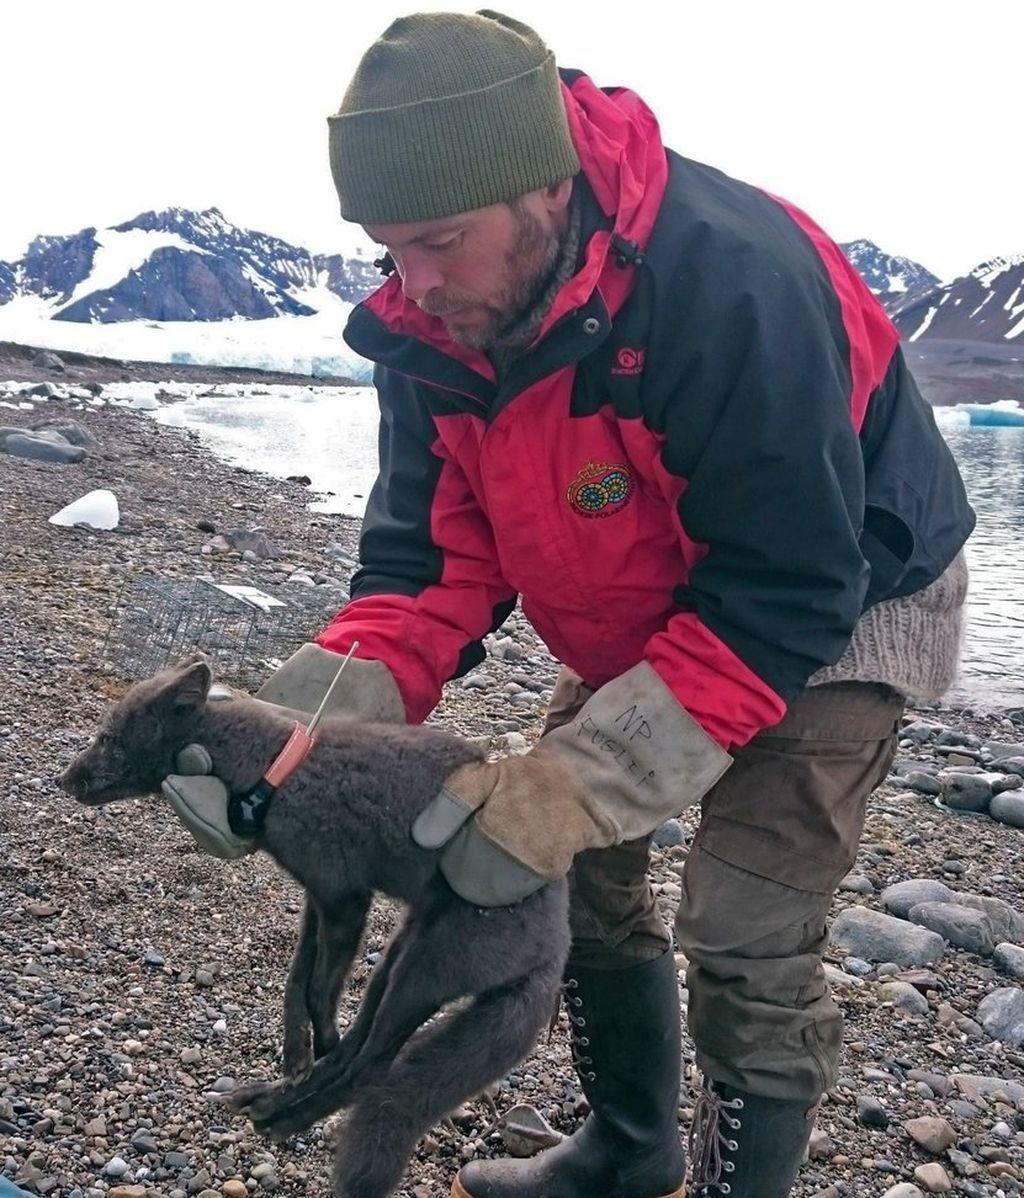 El increible viaje de una hembra de zorro entre Noruega y Canadá